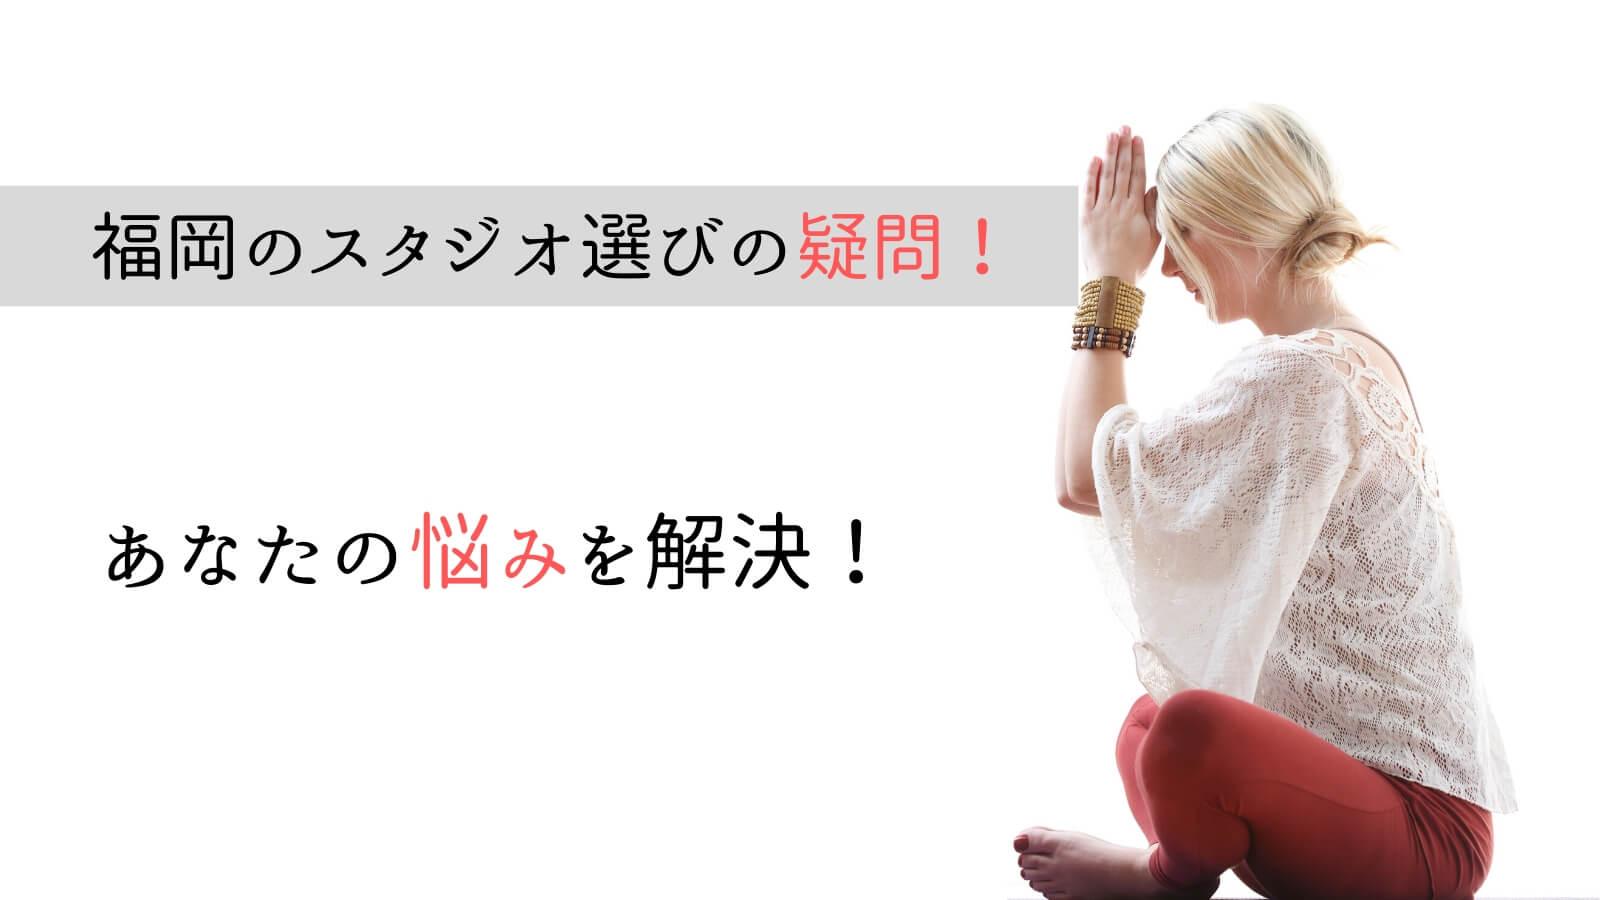 福岡でのホットヨガスタジオ選びに関するQ&A